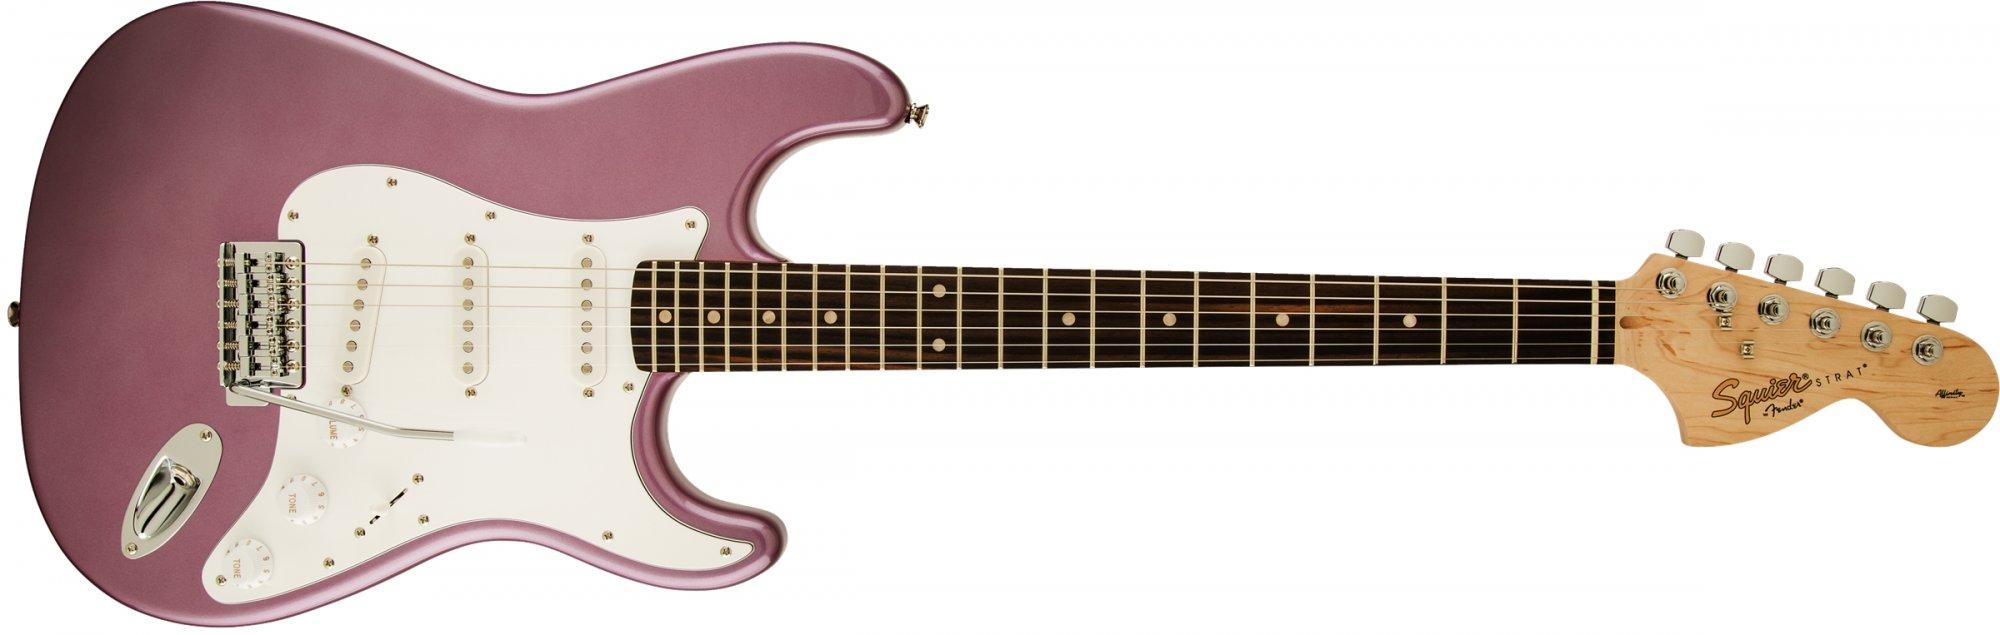 Fender Squier Affinity Stratocaster RW Burgundy Mist